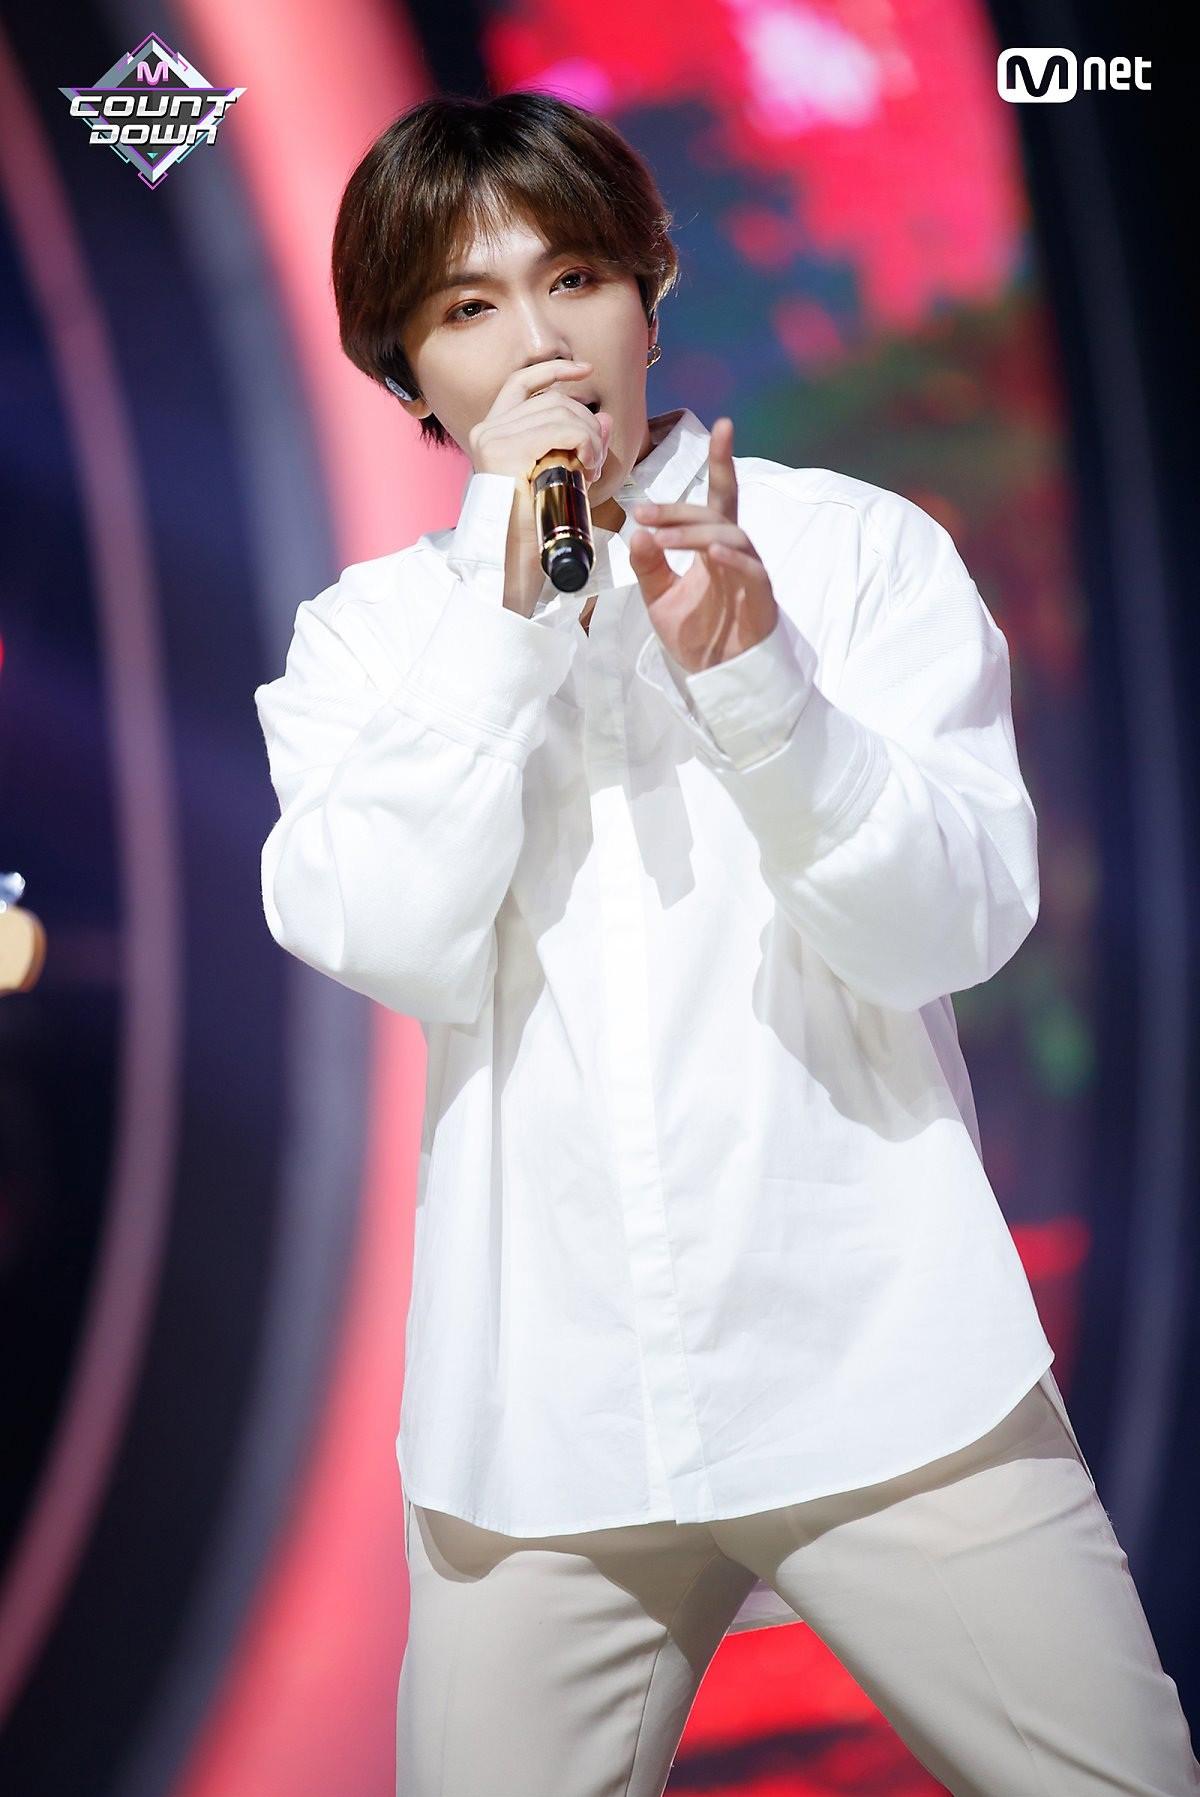 Hongki tiết lộ lí do đột ngột nhập viện khiến concert FTISLAND phải huỷ ngang, FNC bị chỉ trích vô tâm - Ảnh 2.